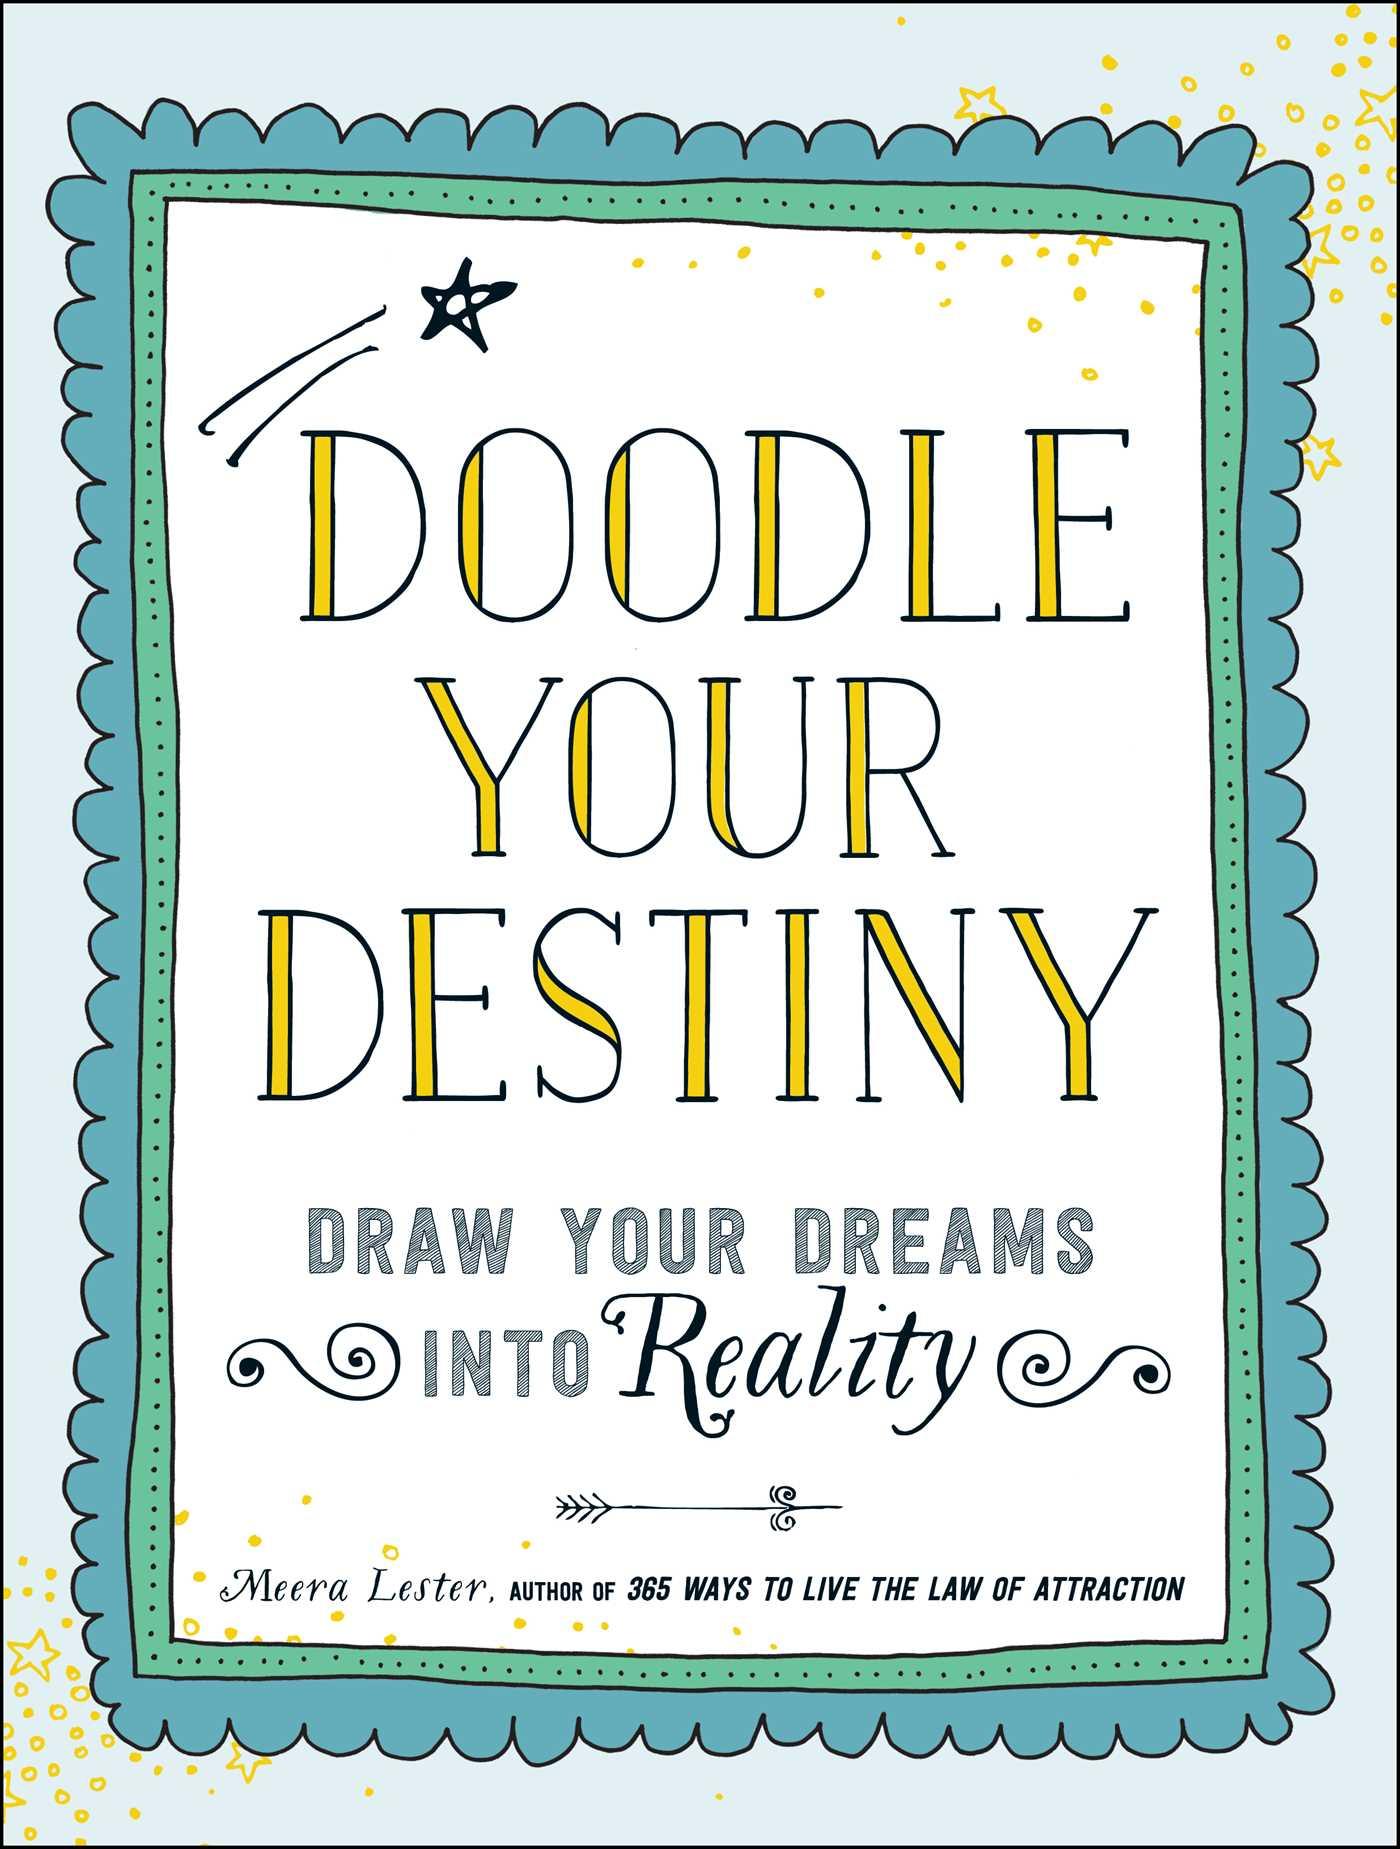 Doodle your destiny 9781440586514 hr